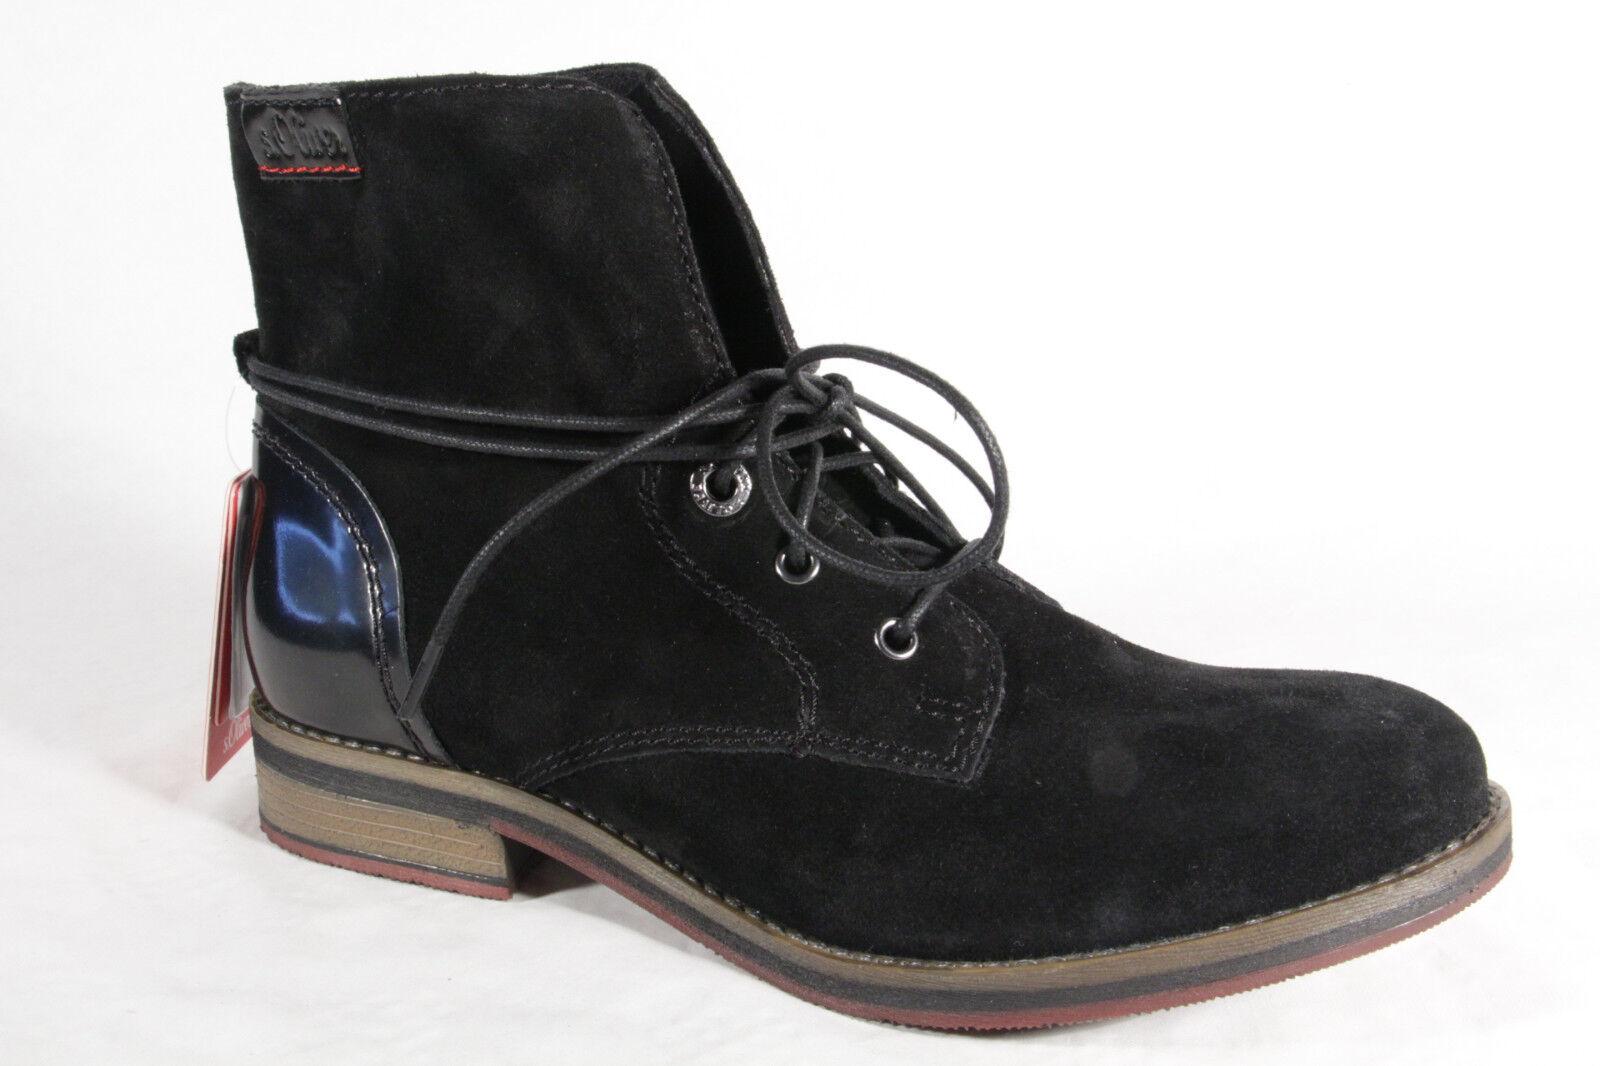 S. Oliver Oliver S. botas de cordón, Botines, botas, cuero auténtico, negro 25203 NUEVO b86092